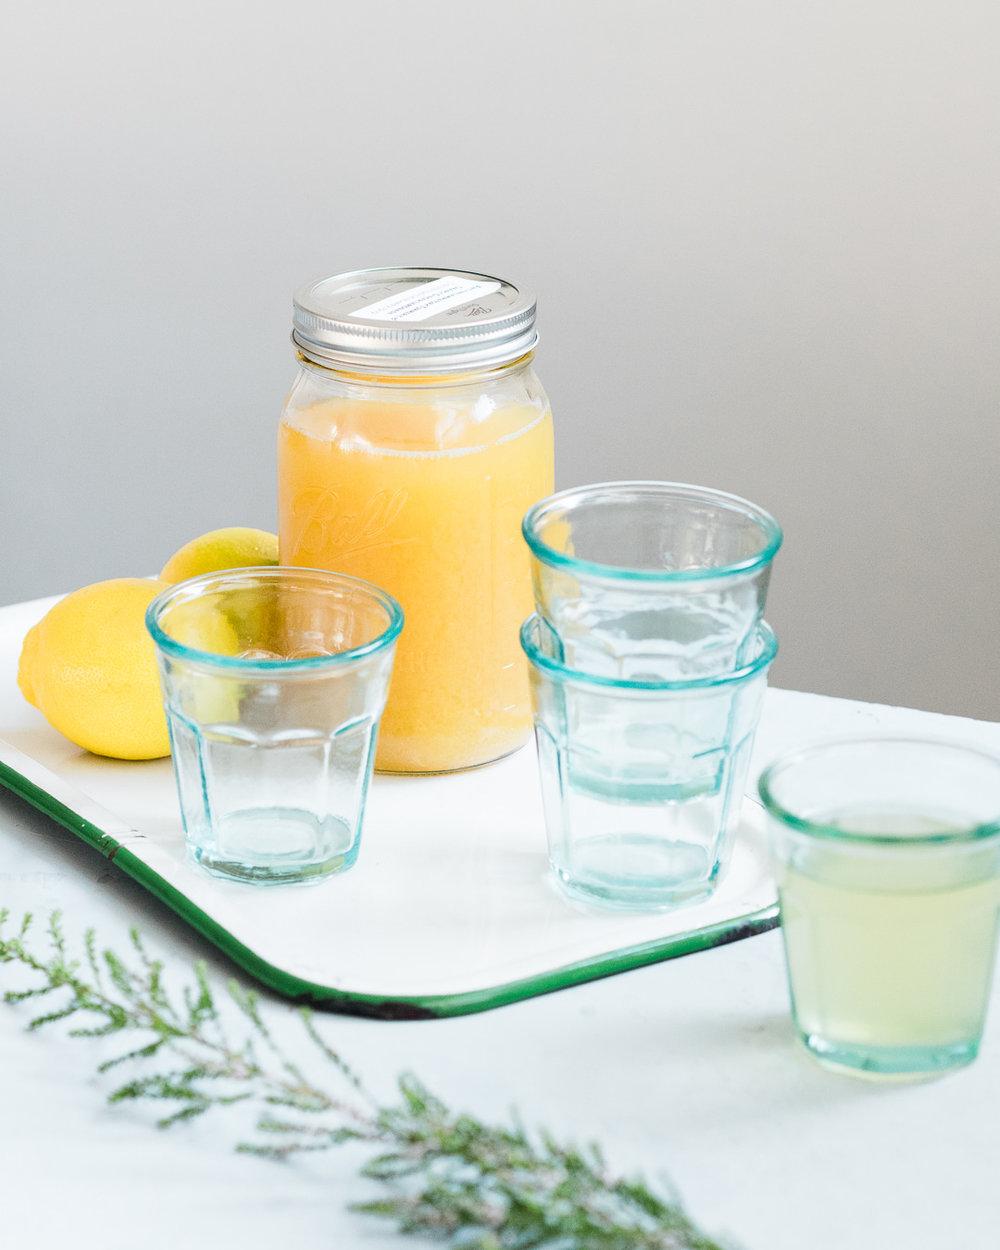 GRK_021819_turmeric-lemonade-05.jpg